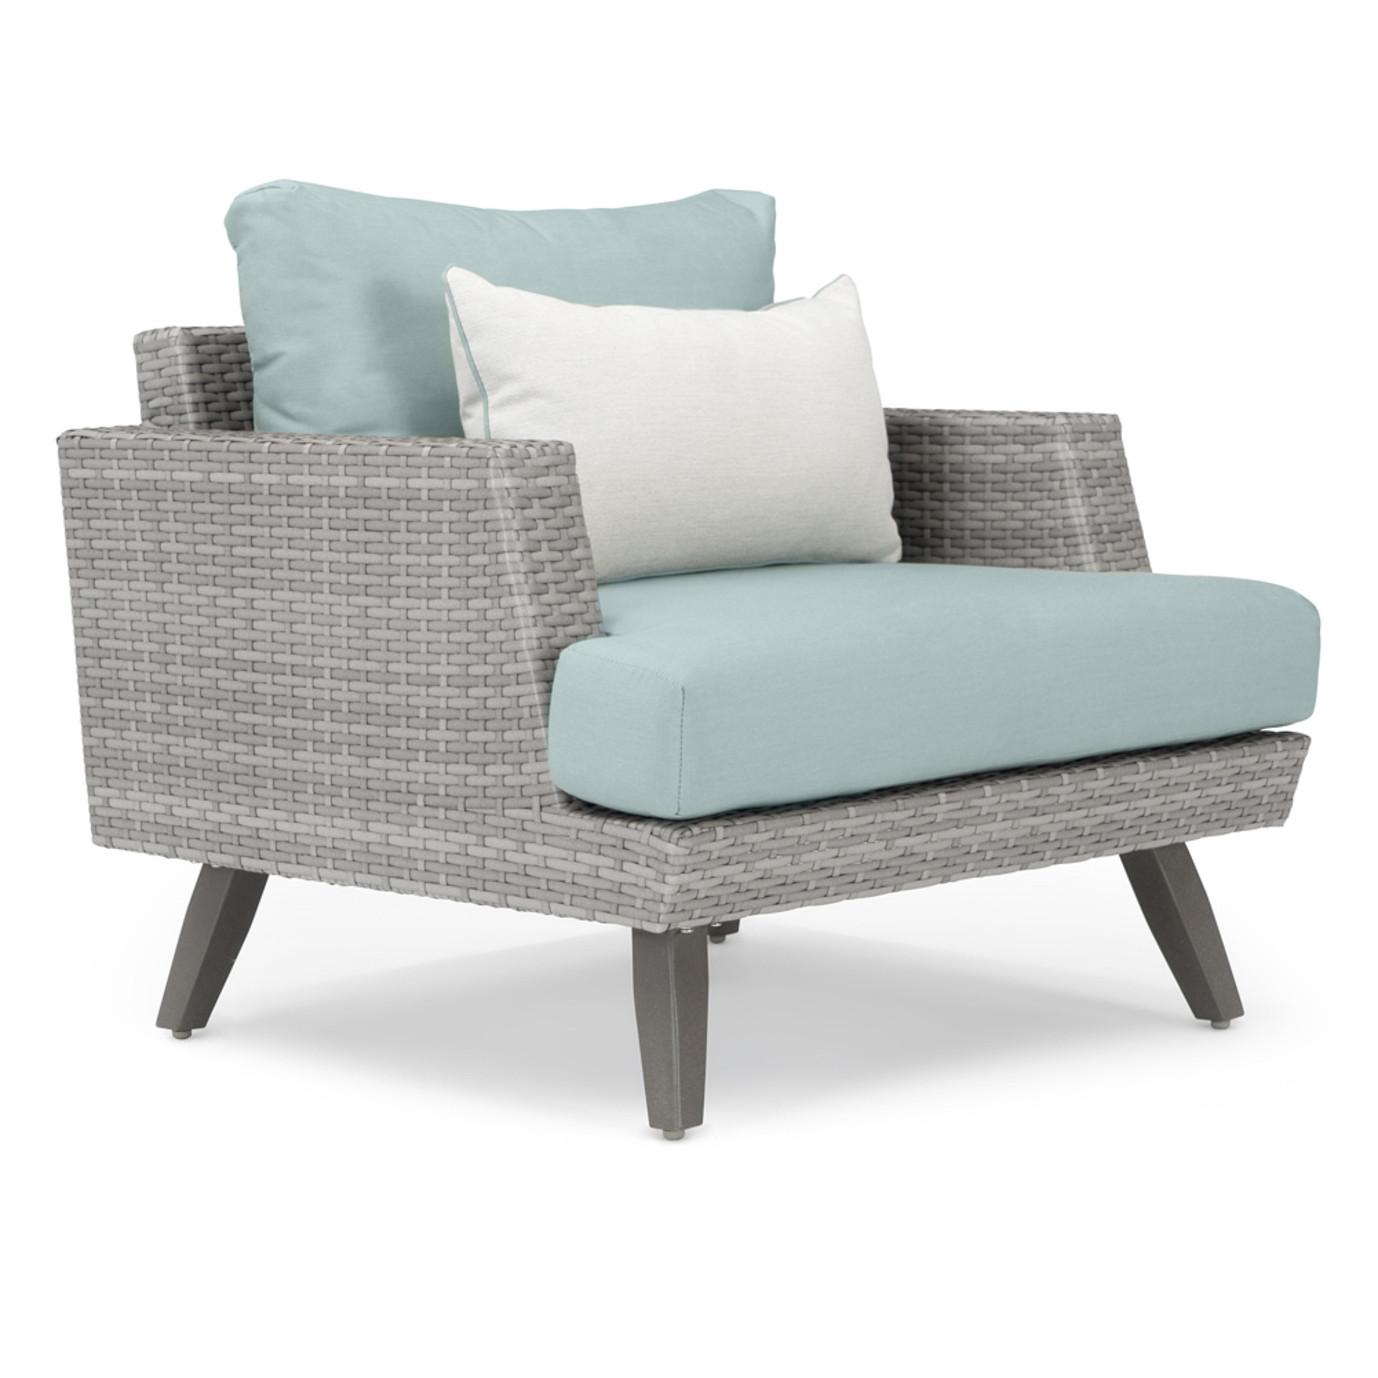 Portofino® Casual 13pc Estate Set - Spa Blue